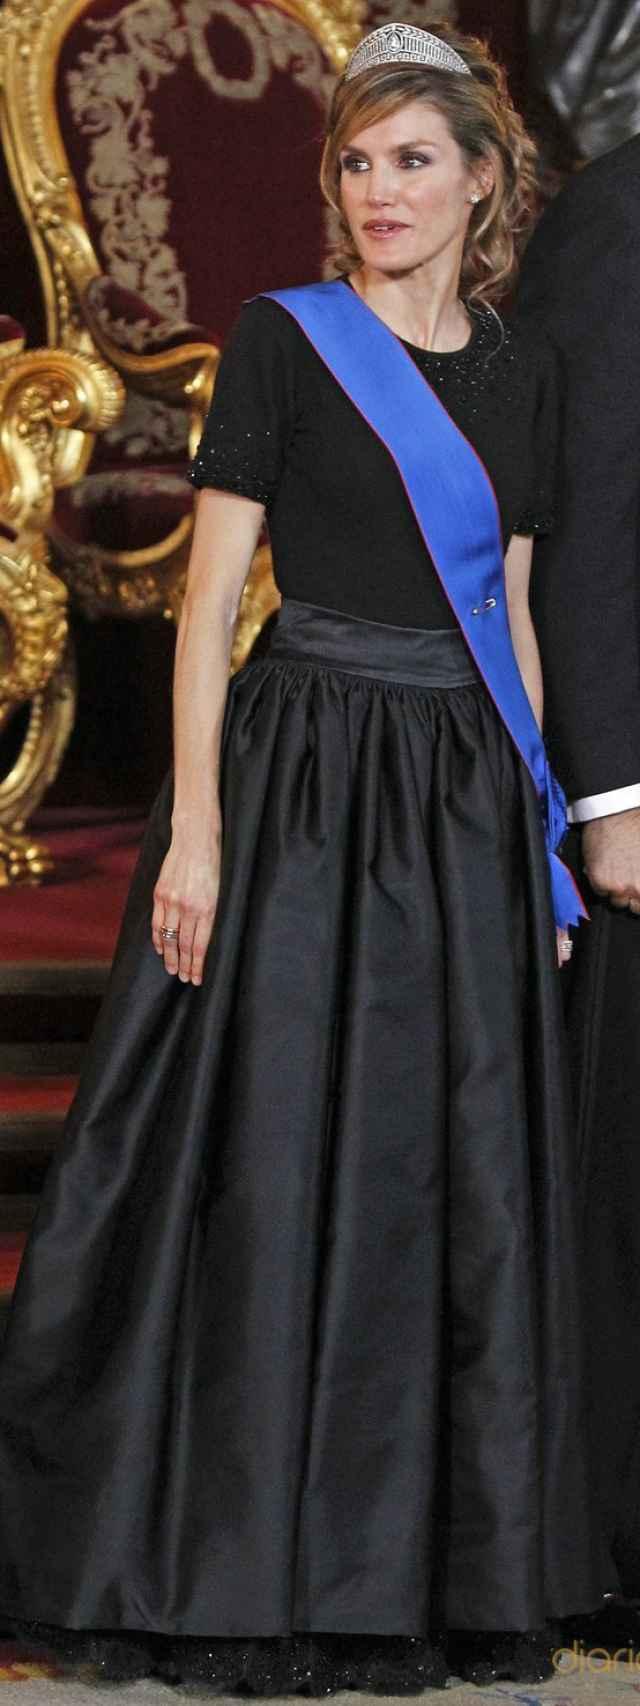 Doña Letizia, en la cena de gala en honor al presidente de Chile en 2011.